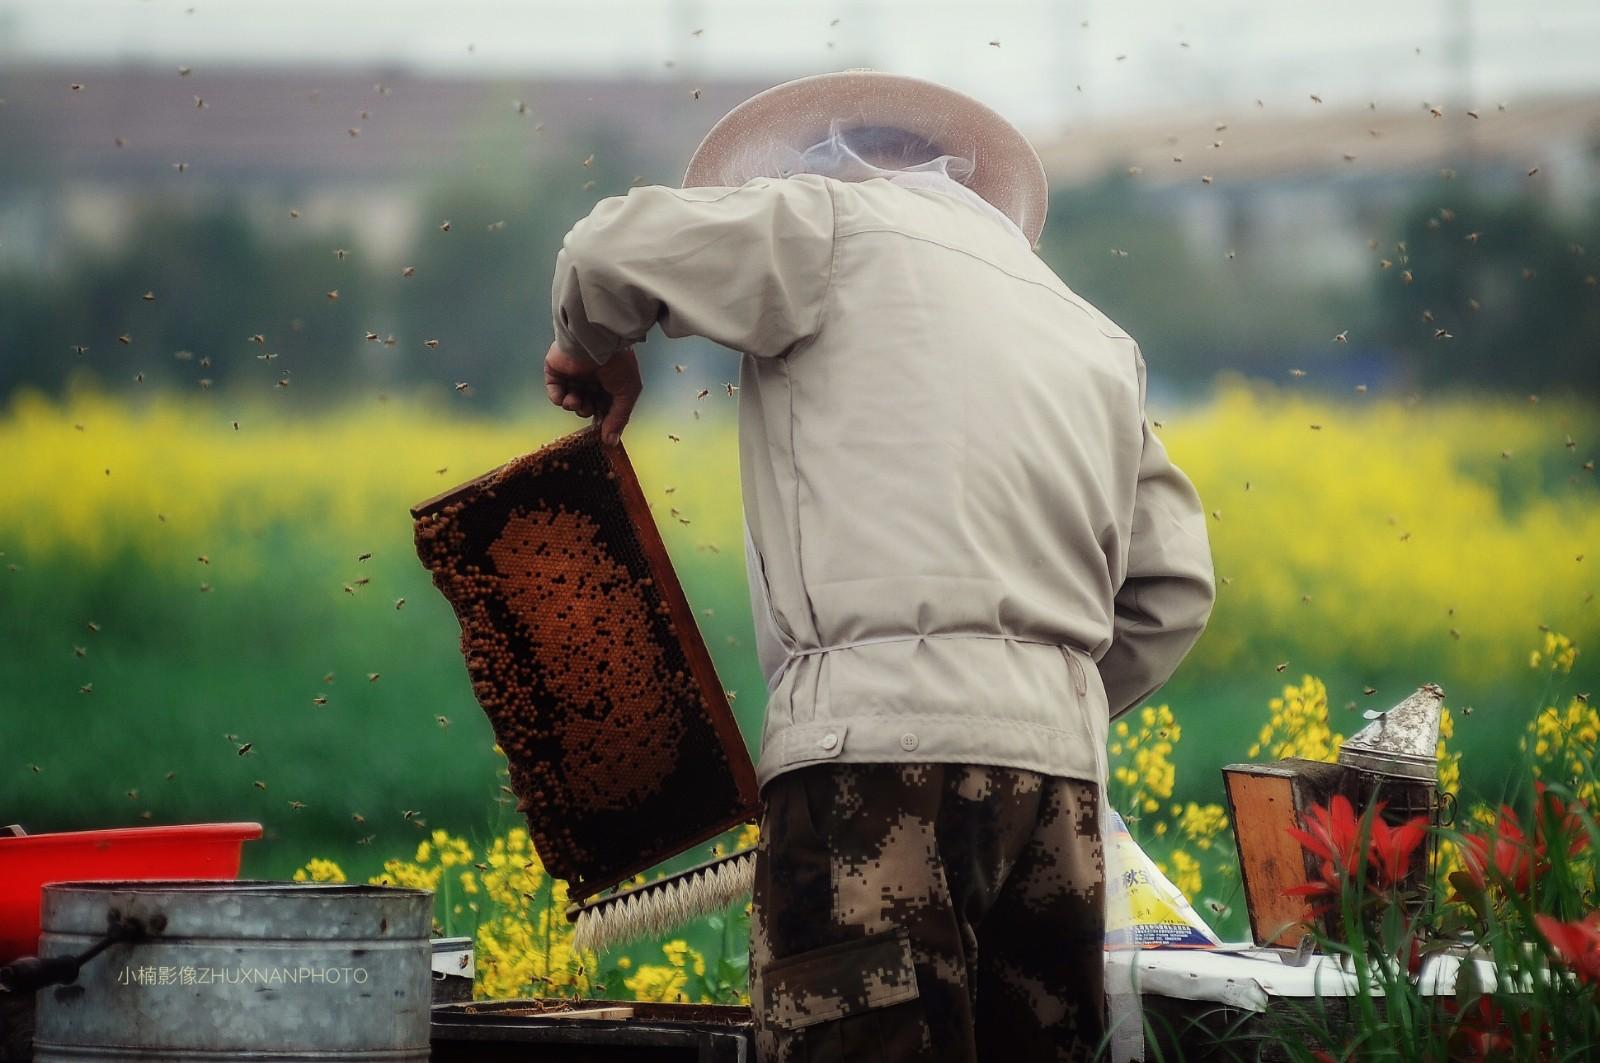 【视频】养蜂危机:蜜蜂大幅减少,养蜂后继无人